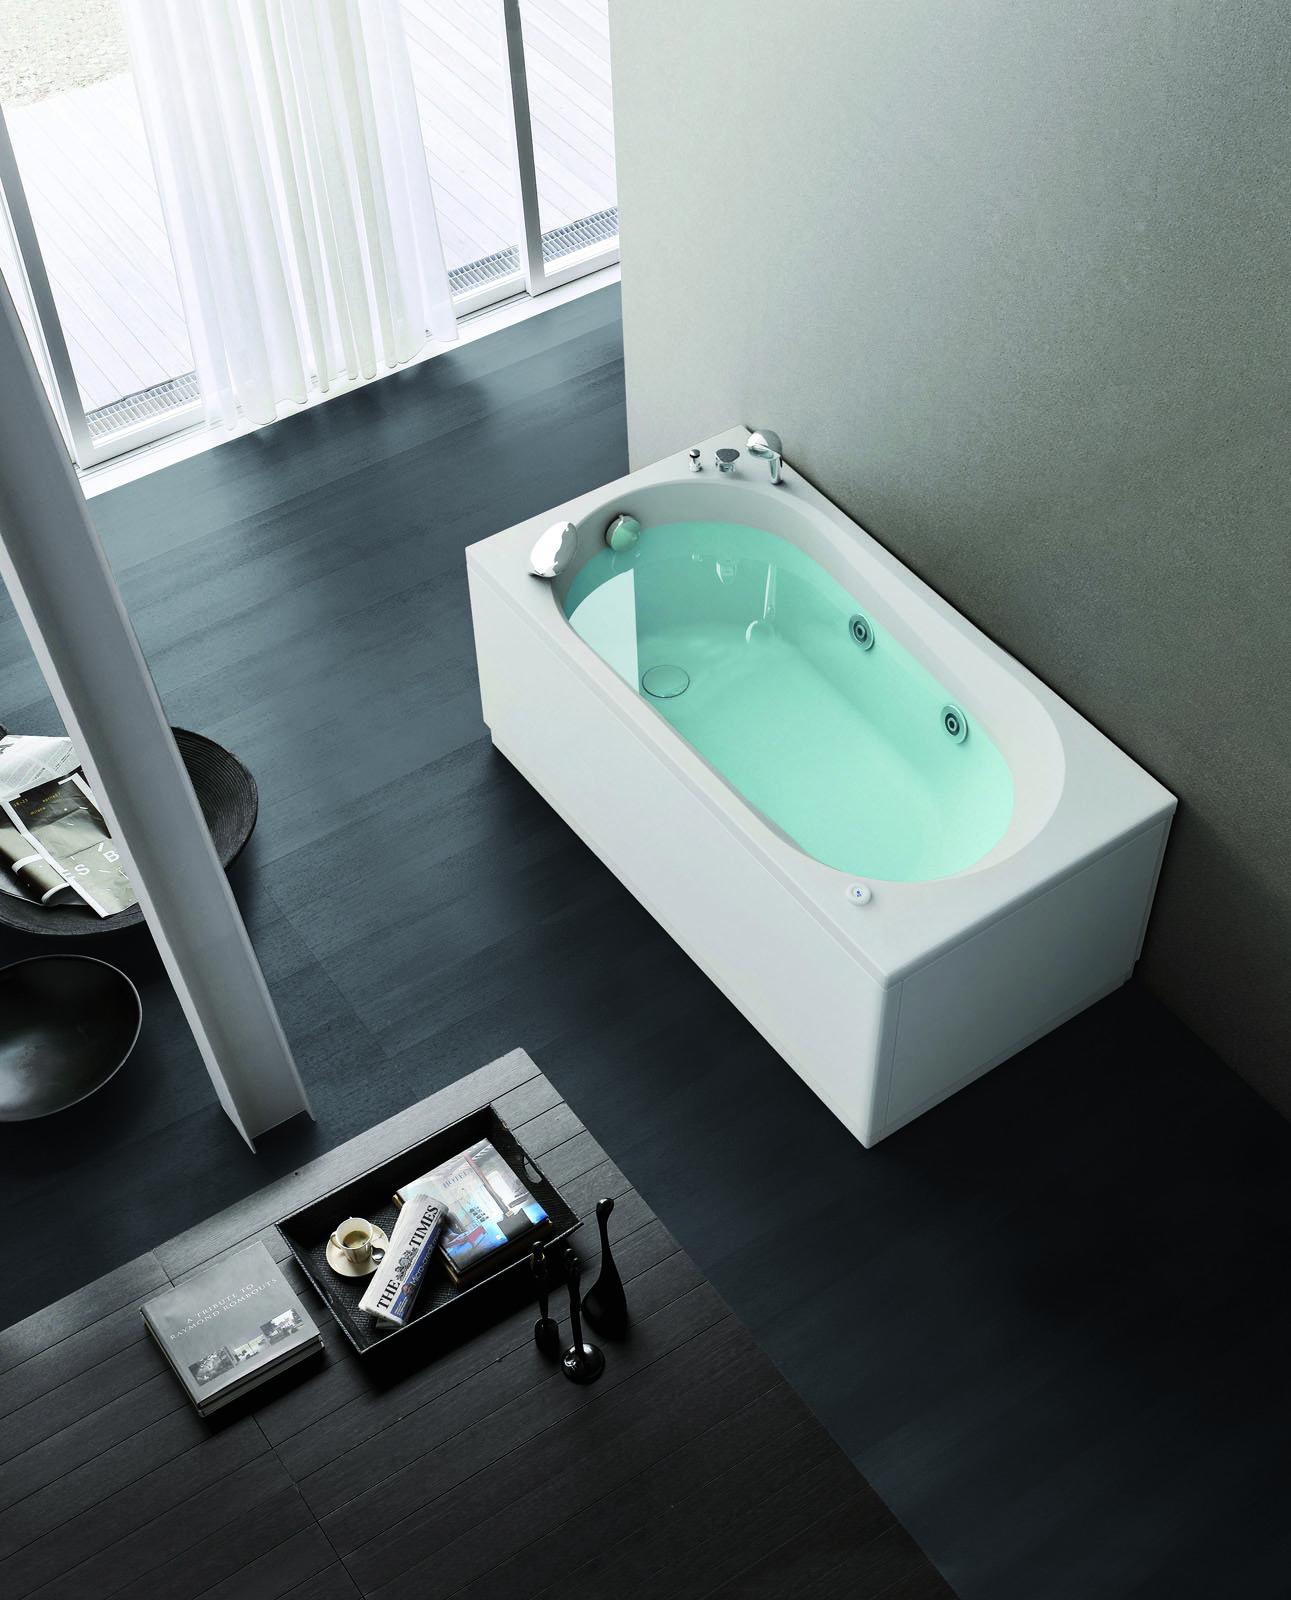 Vasca da bagno 140 cm boiserie in ceramica per bagno - Altezza vasca da bagno ...